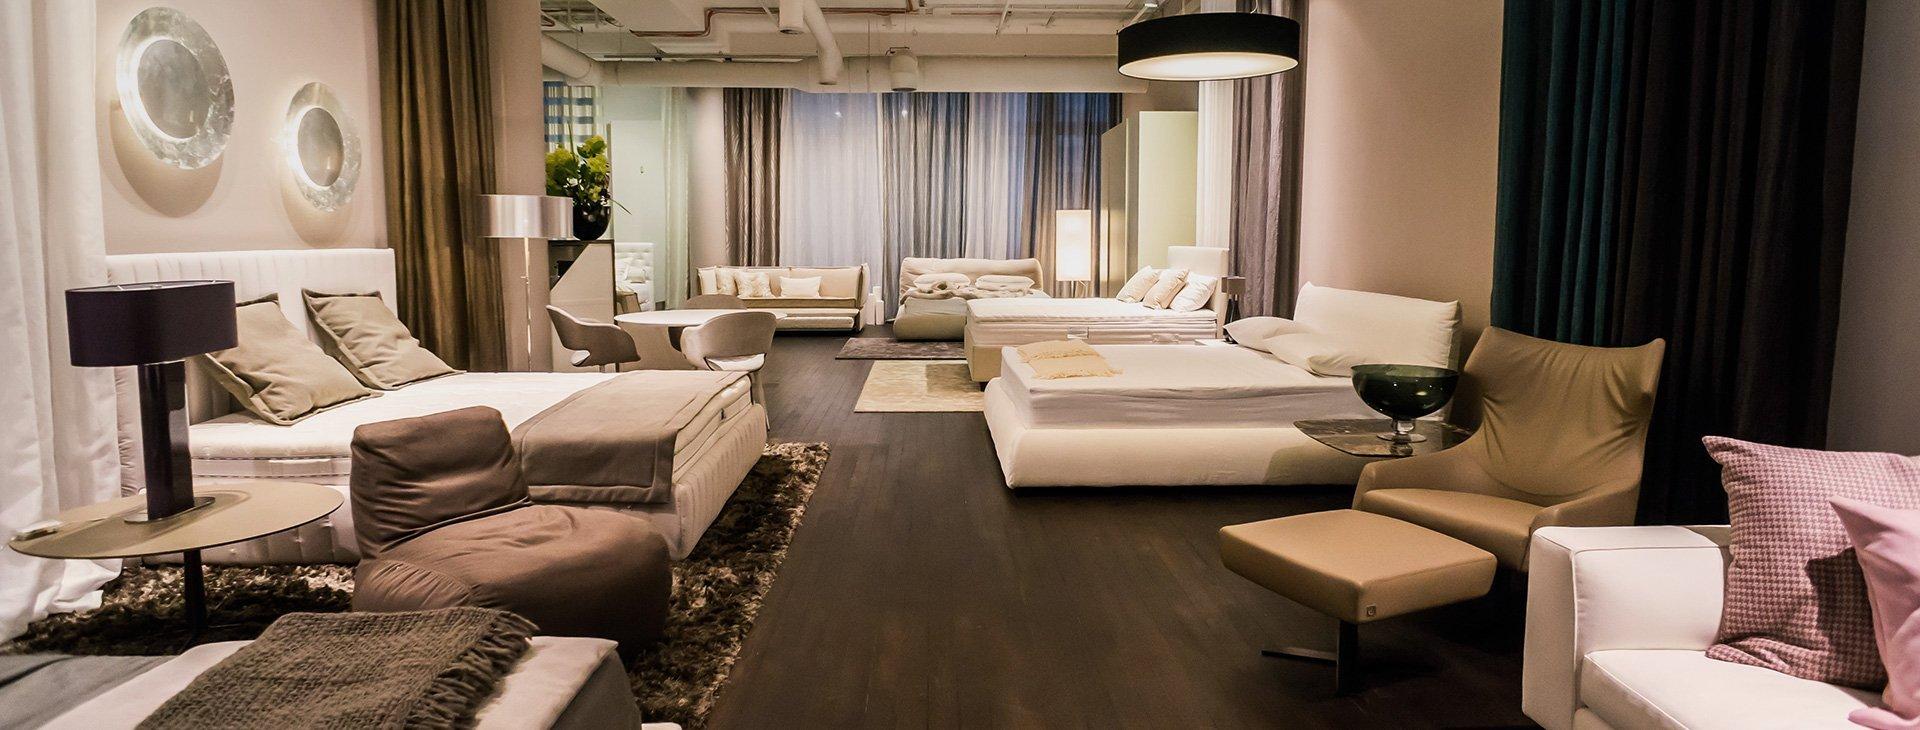 Samland interior design ihre stores im stilwerk berlin for Stilwerk berlin verkaufsoffener sonntag